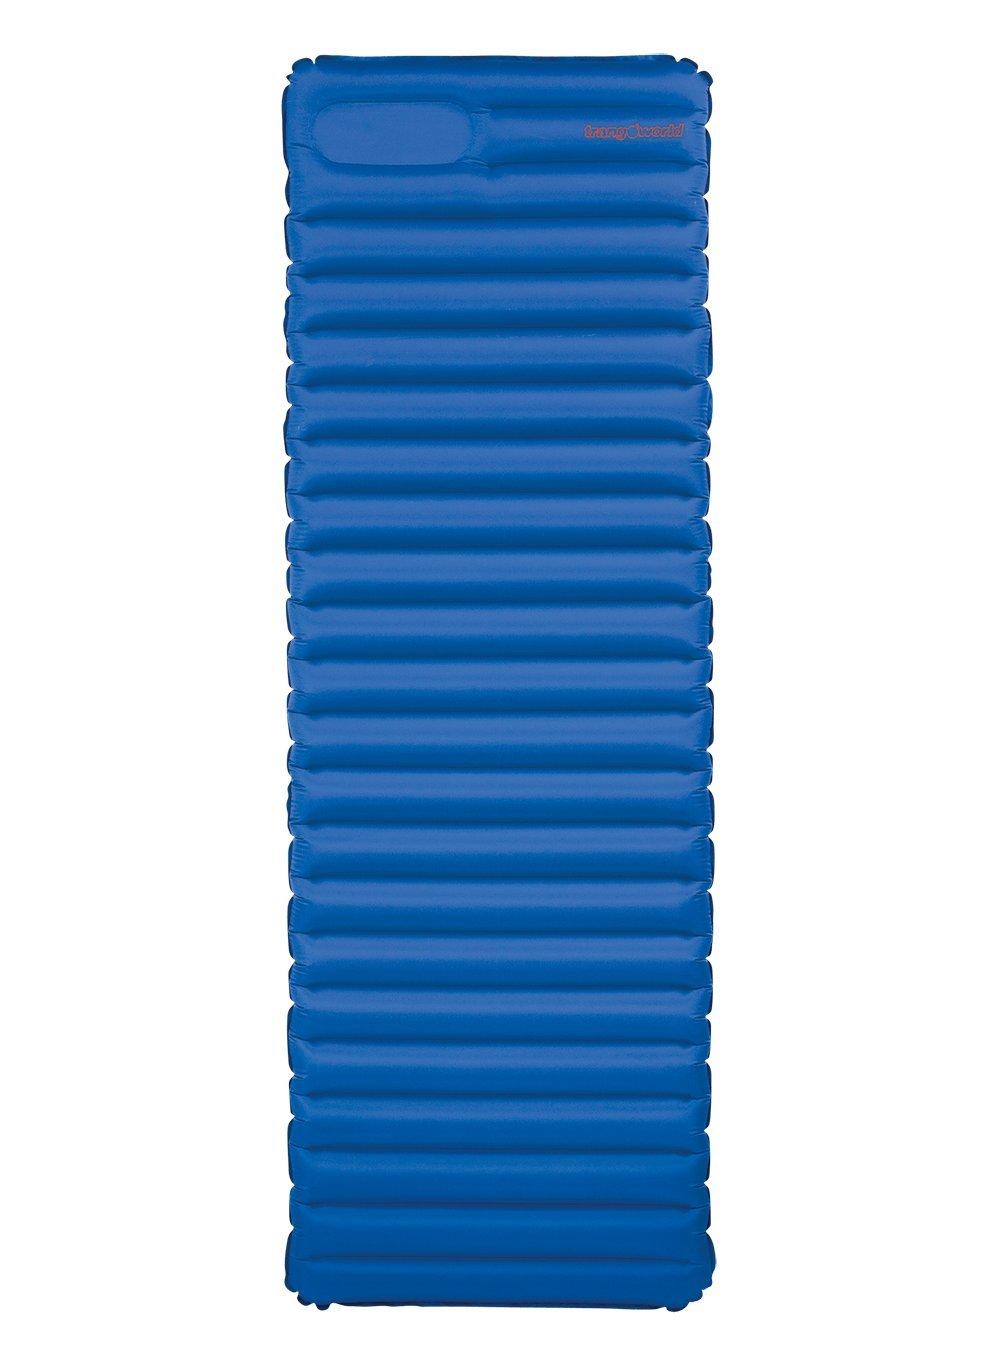 Trangoworld Komfort Air Reisebettmatratze Einheitsgr/ö/ße blau royal//dunklen Schatten